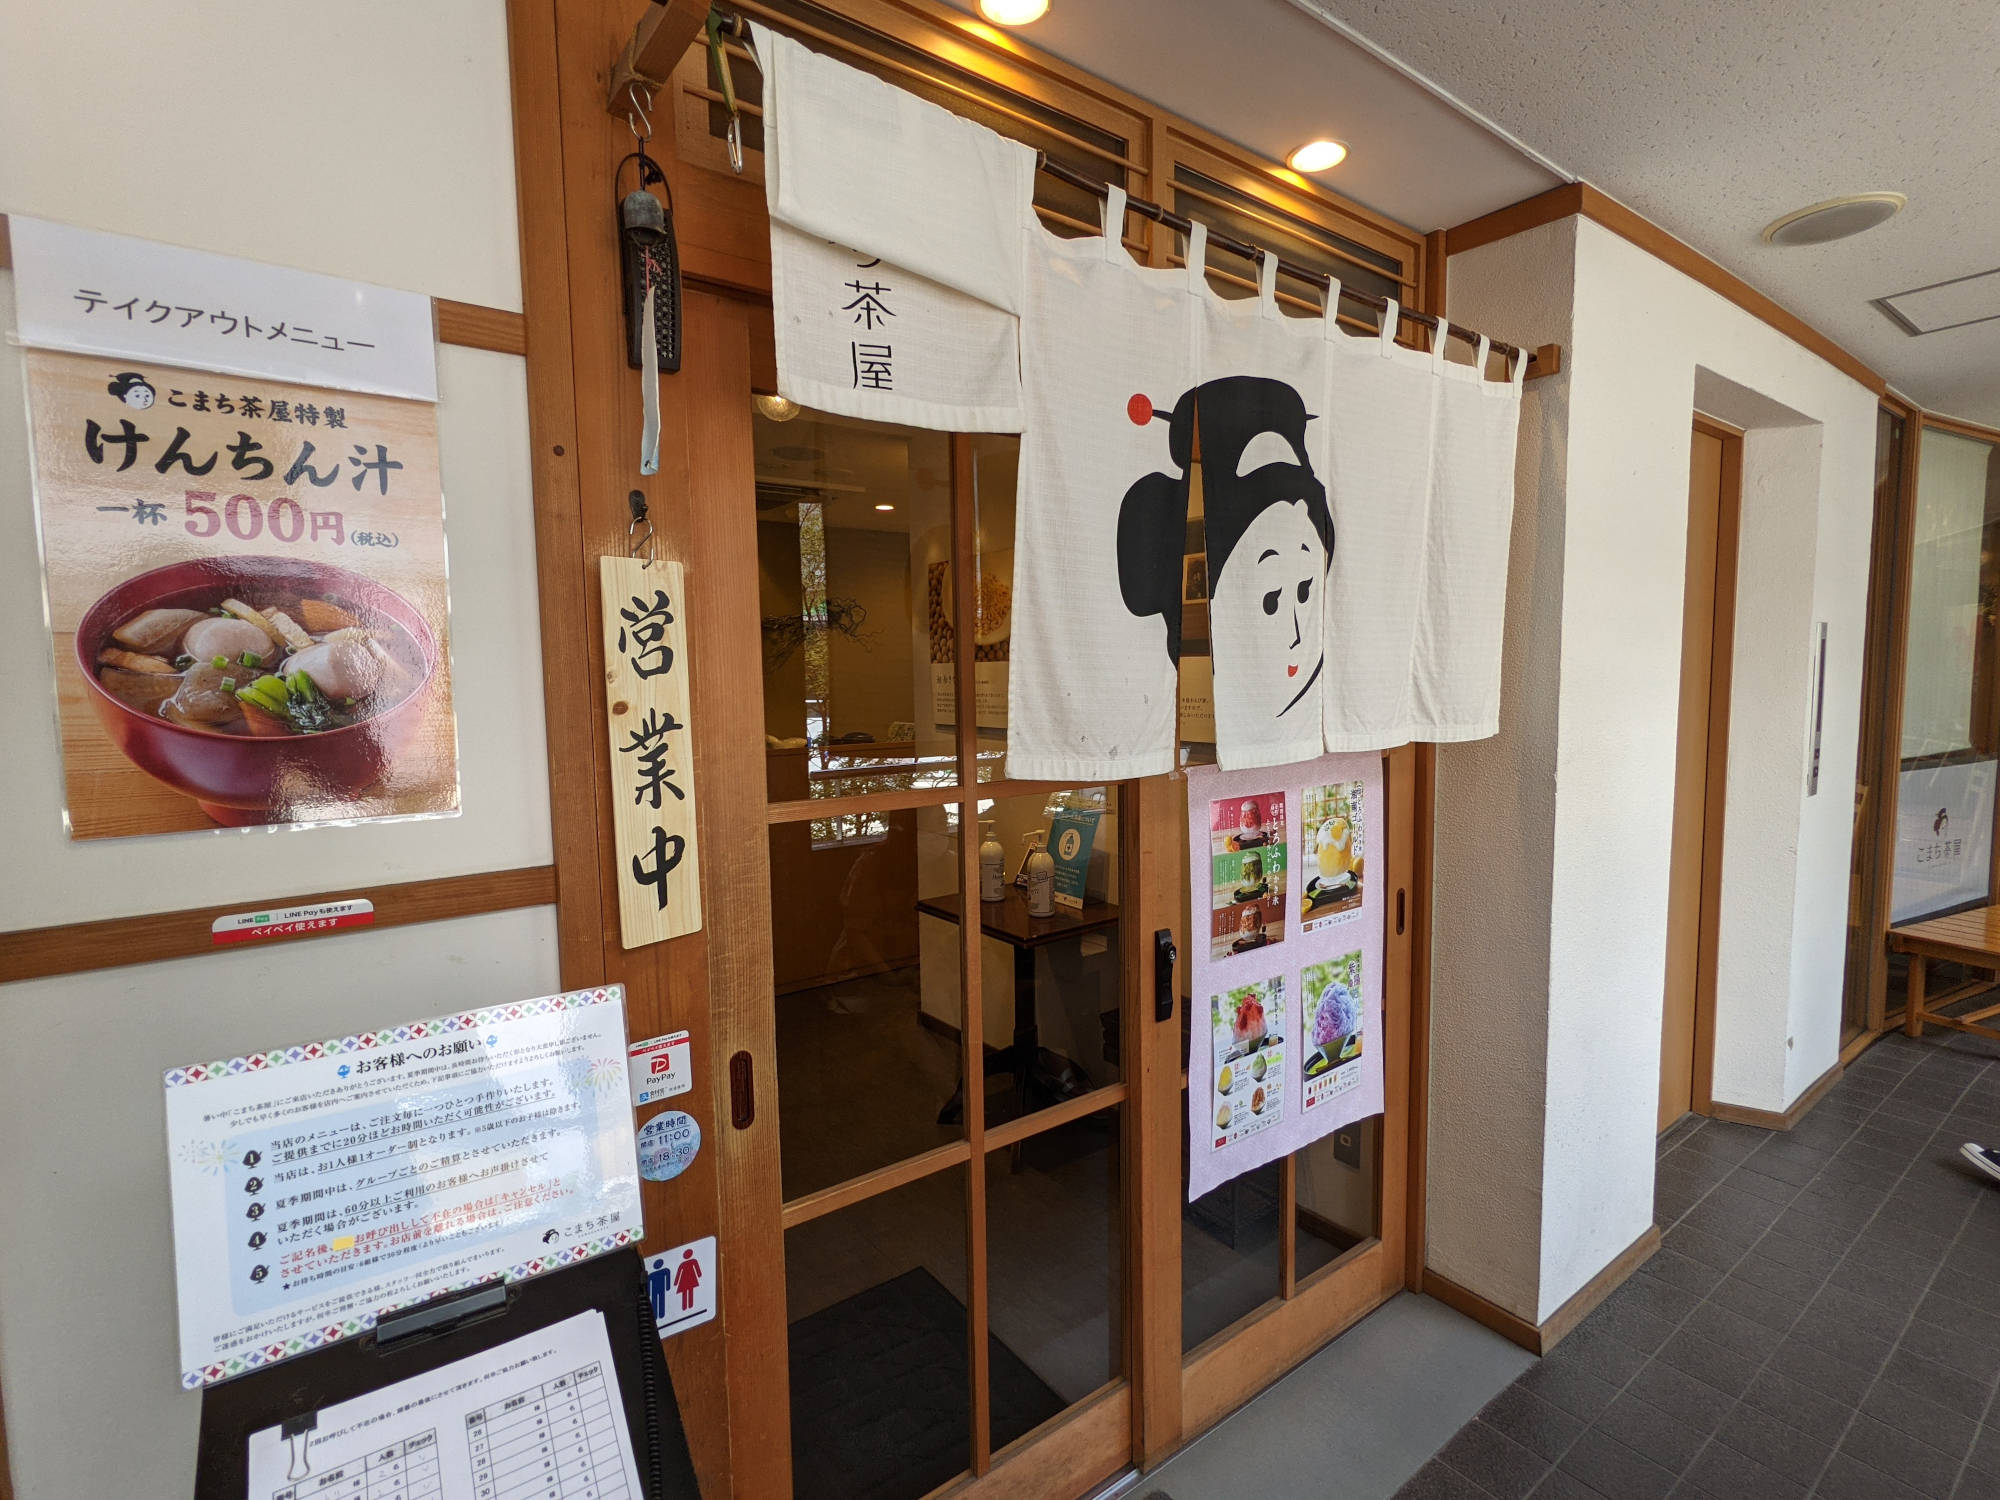 【鎌倉】こまち茶屋の入り口